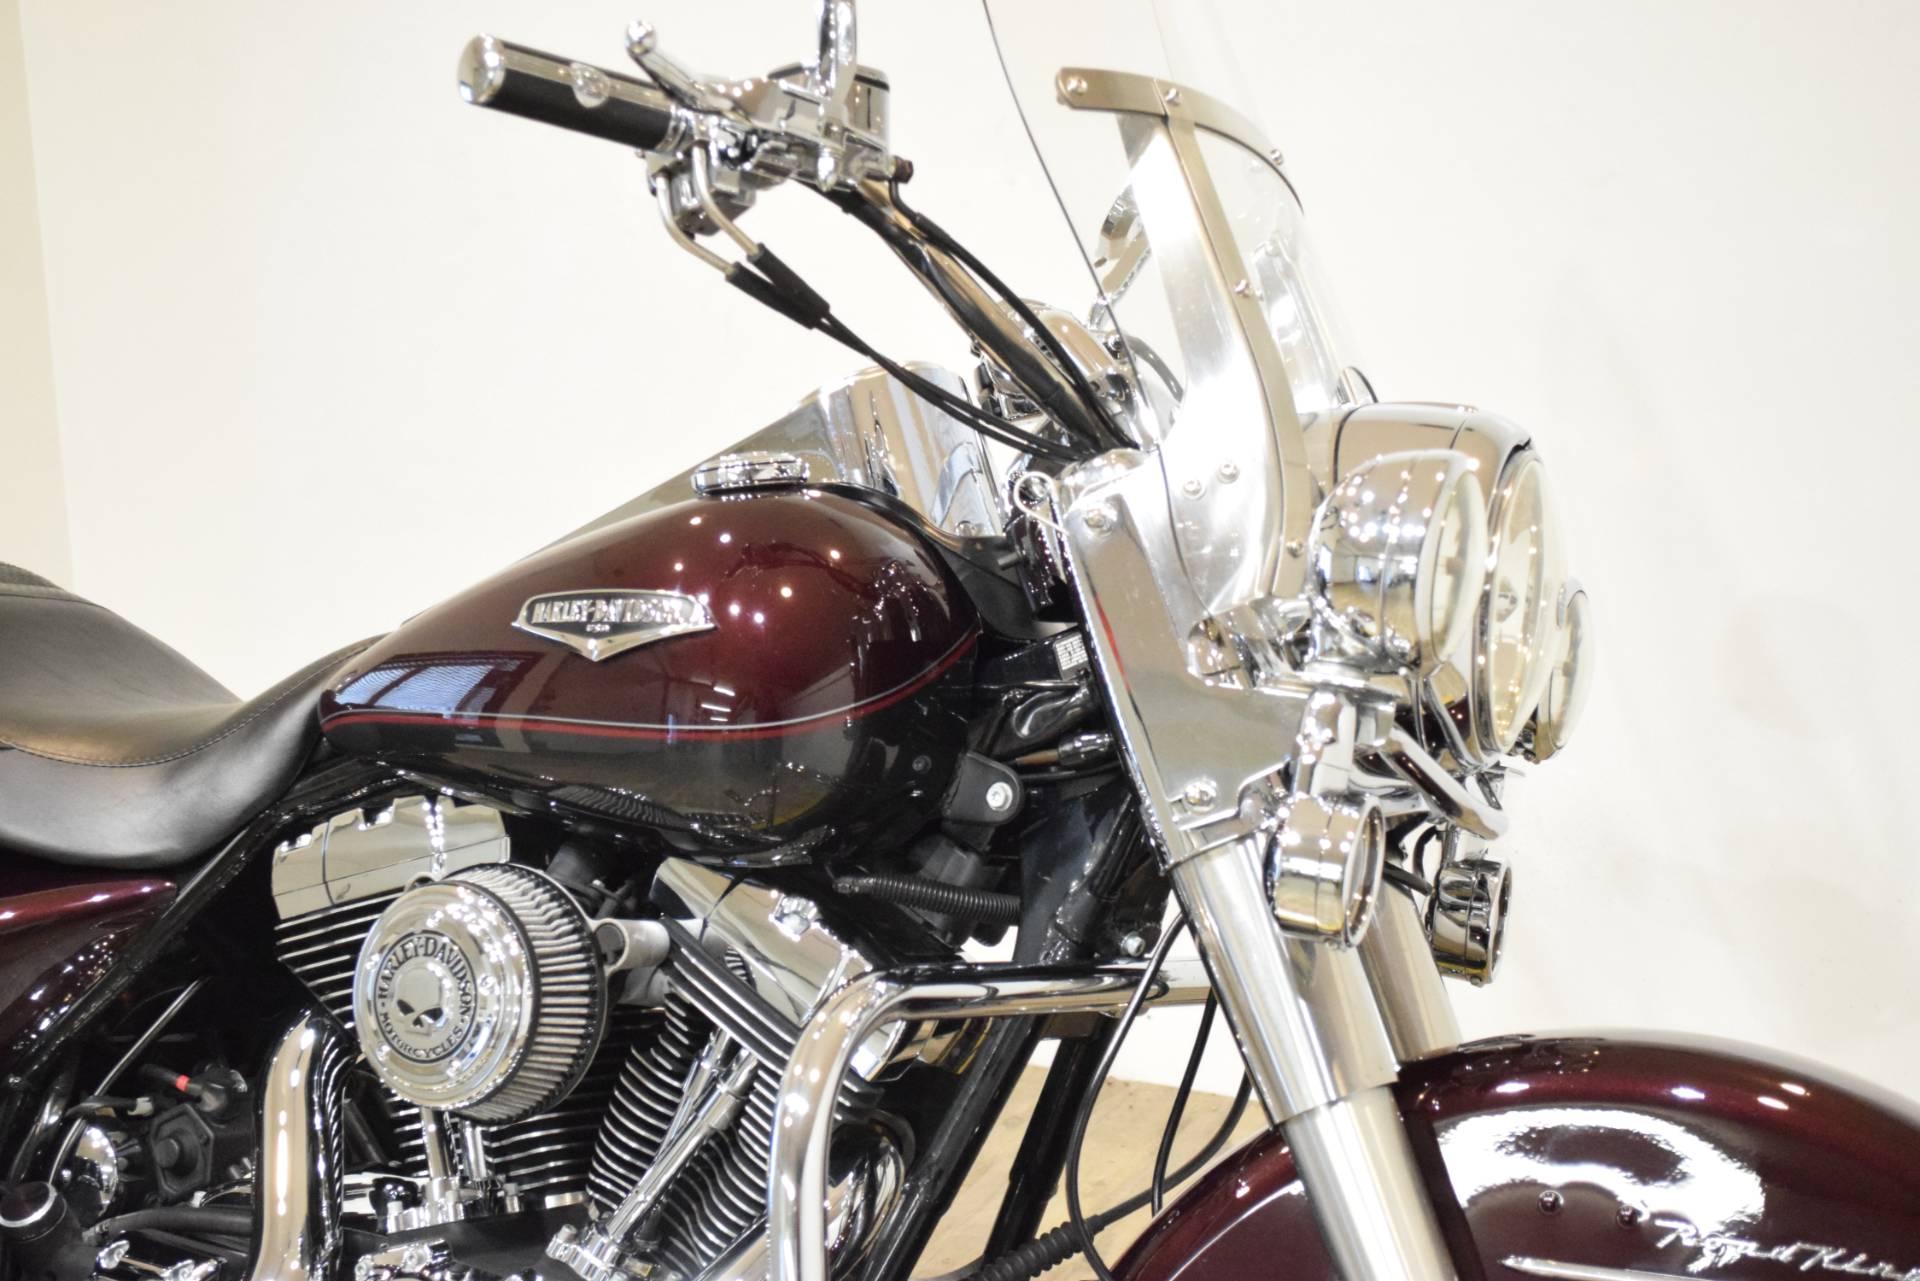 2005 Harley-Davidson FLHRS/FLHRSI Road King Custom 3